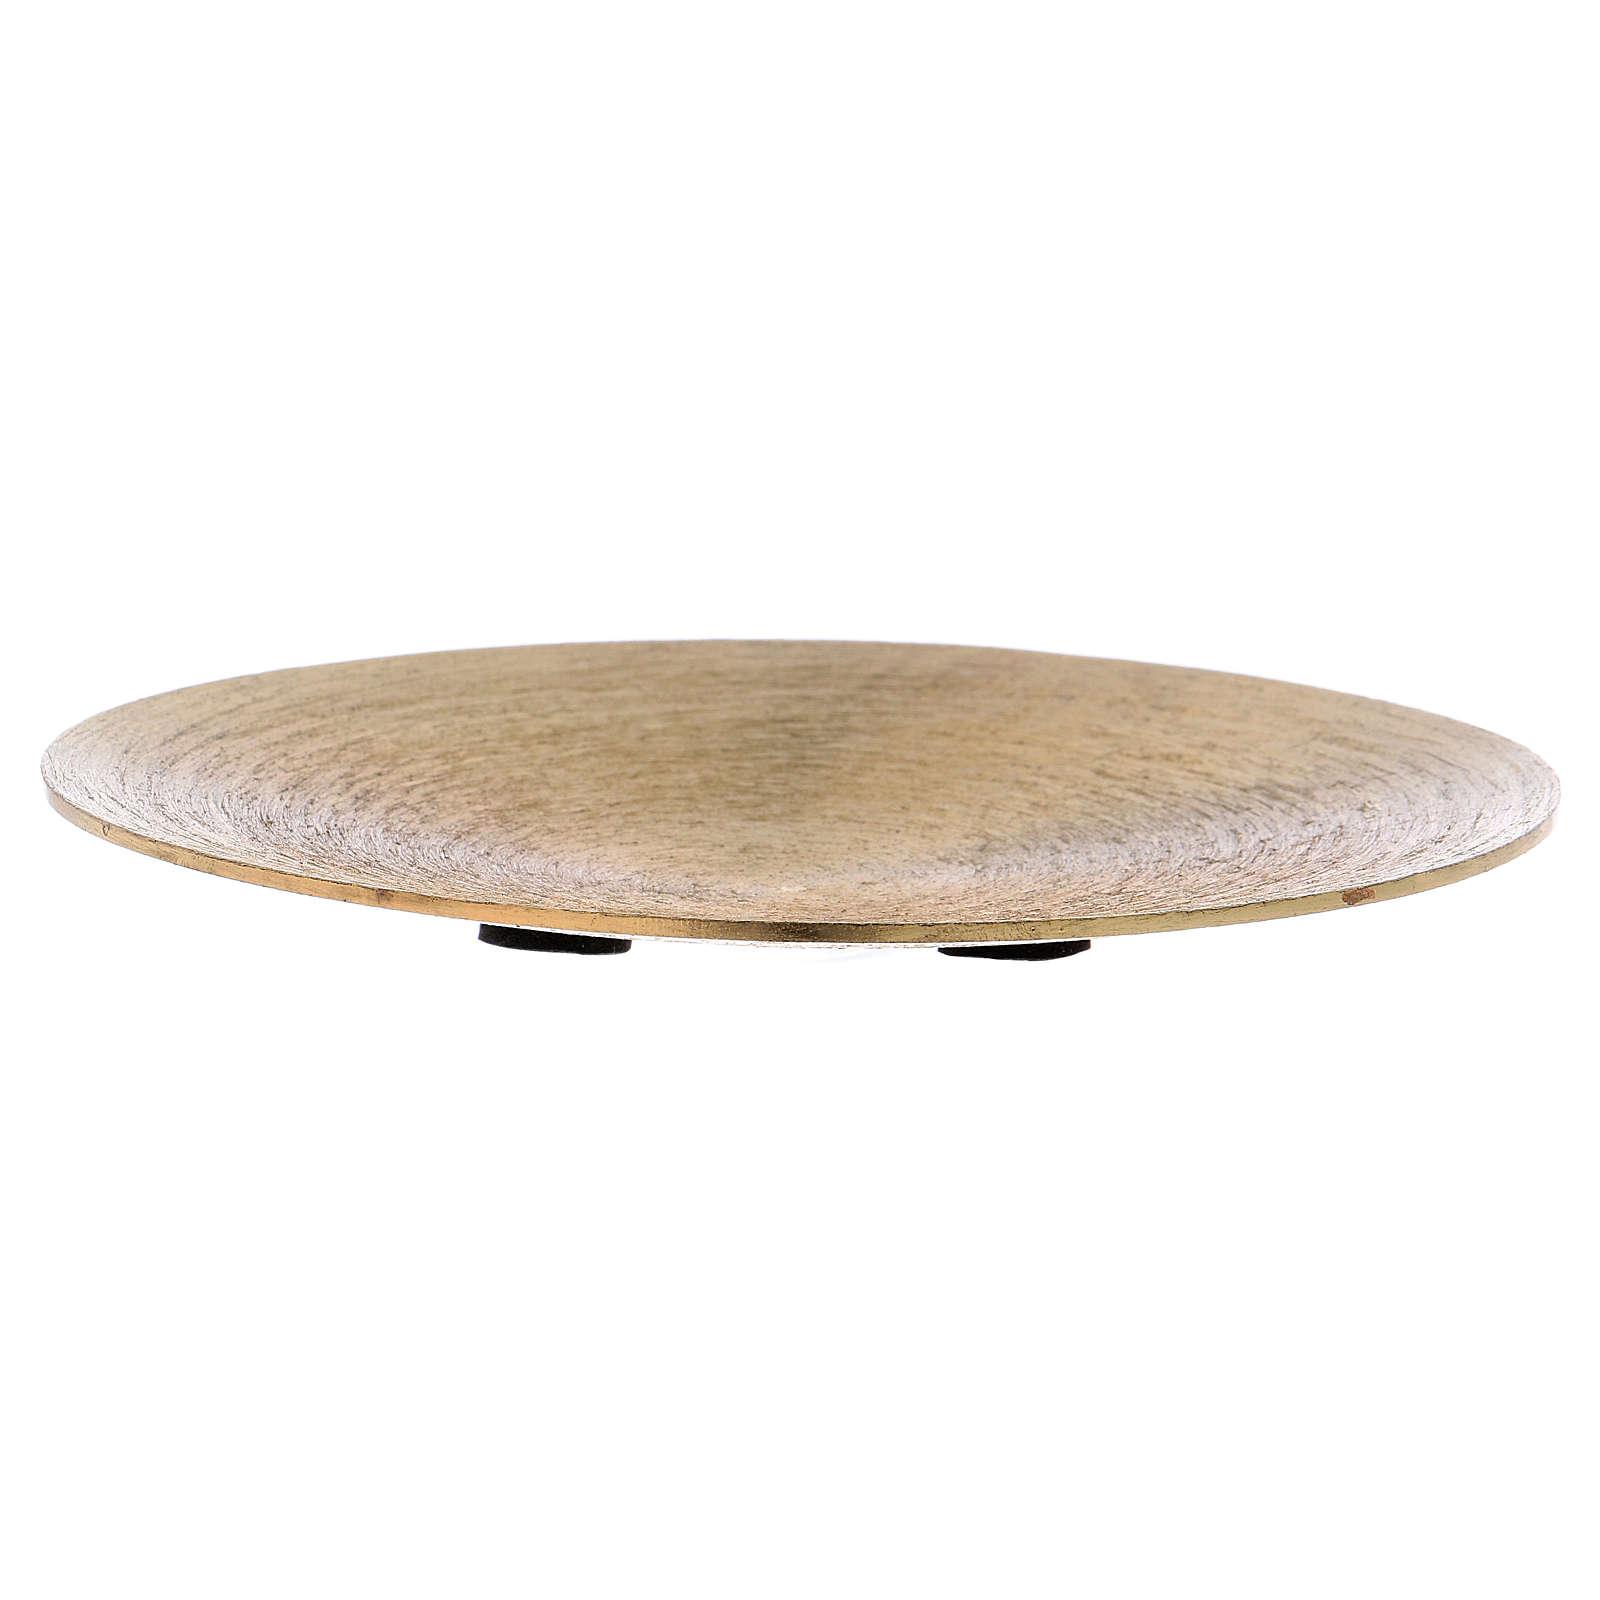 Plato portavela redondo de aluminio dorado 3